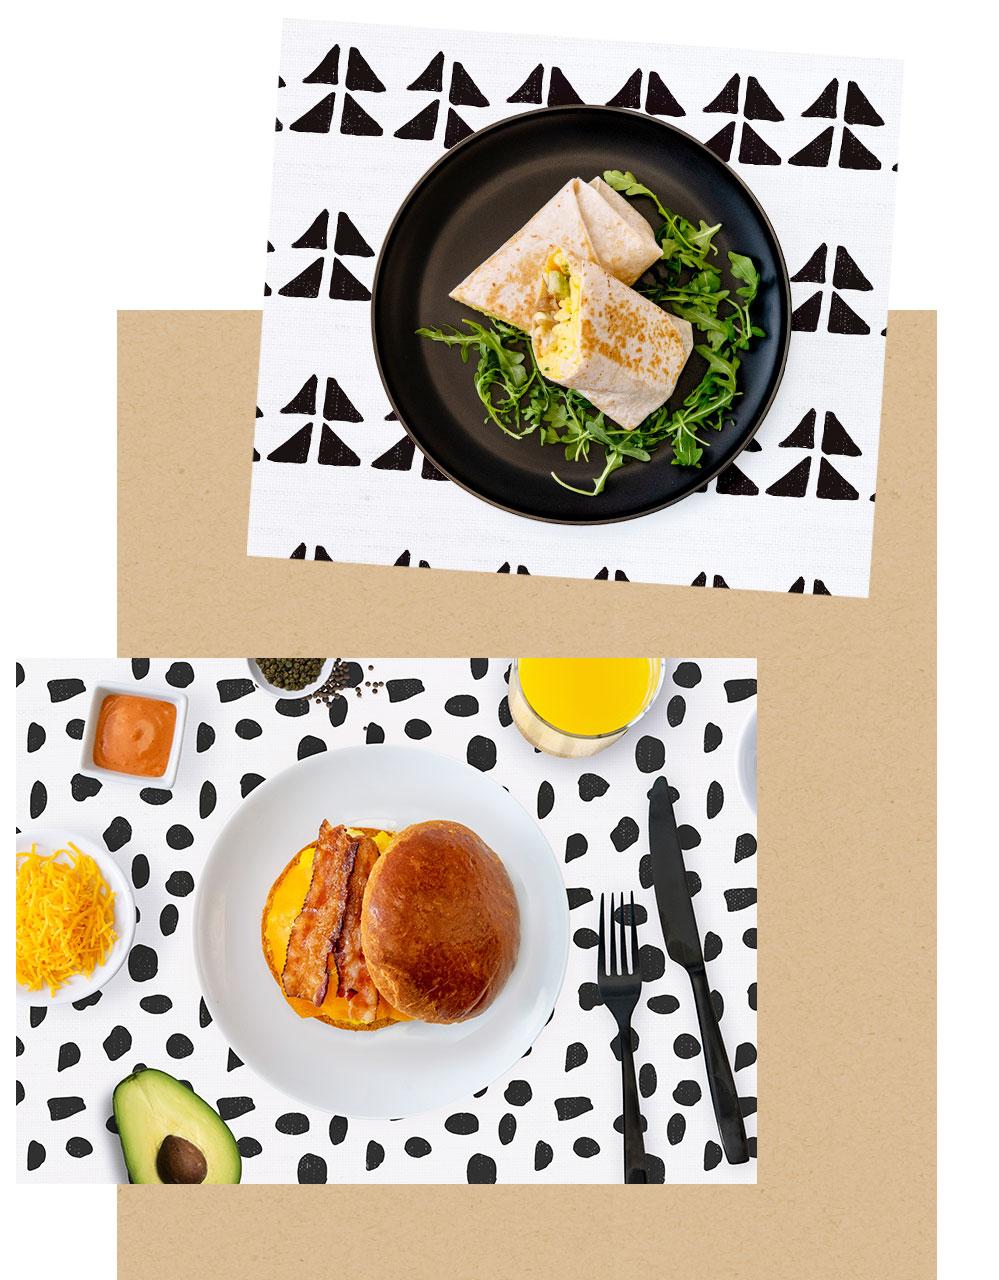 menu-imagealt_02.jpg